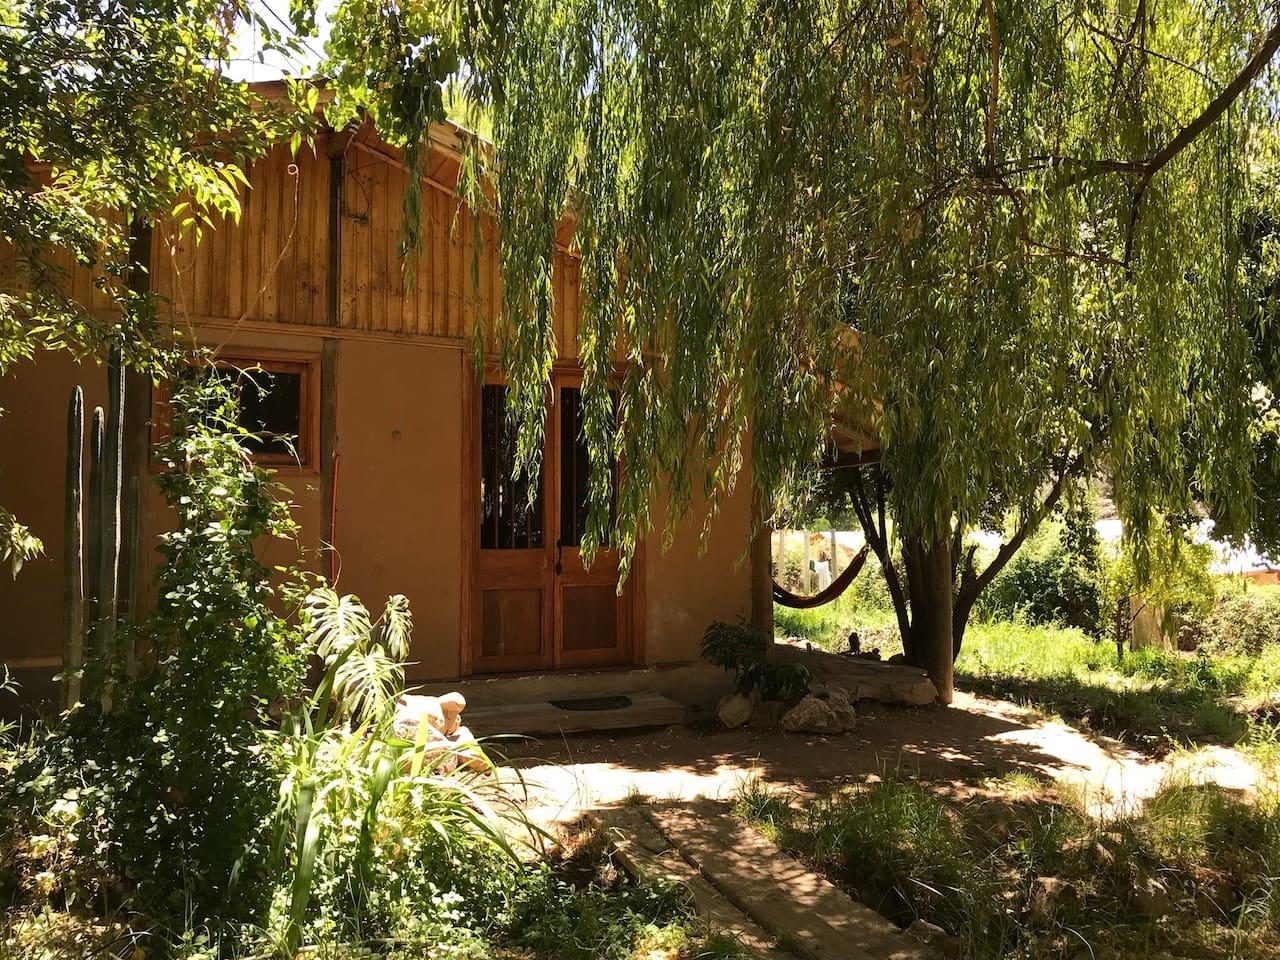 La casa está a 2 cuadras de la plaza (caminando), en un pasaje muy seguro. En la entrada principal de la casa hay 1 sauce llorón, el cual da una agradable sombra en verano. Hay mucha vegetación alrededor, la cual da belleza y tranquilidad al lugar.